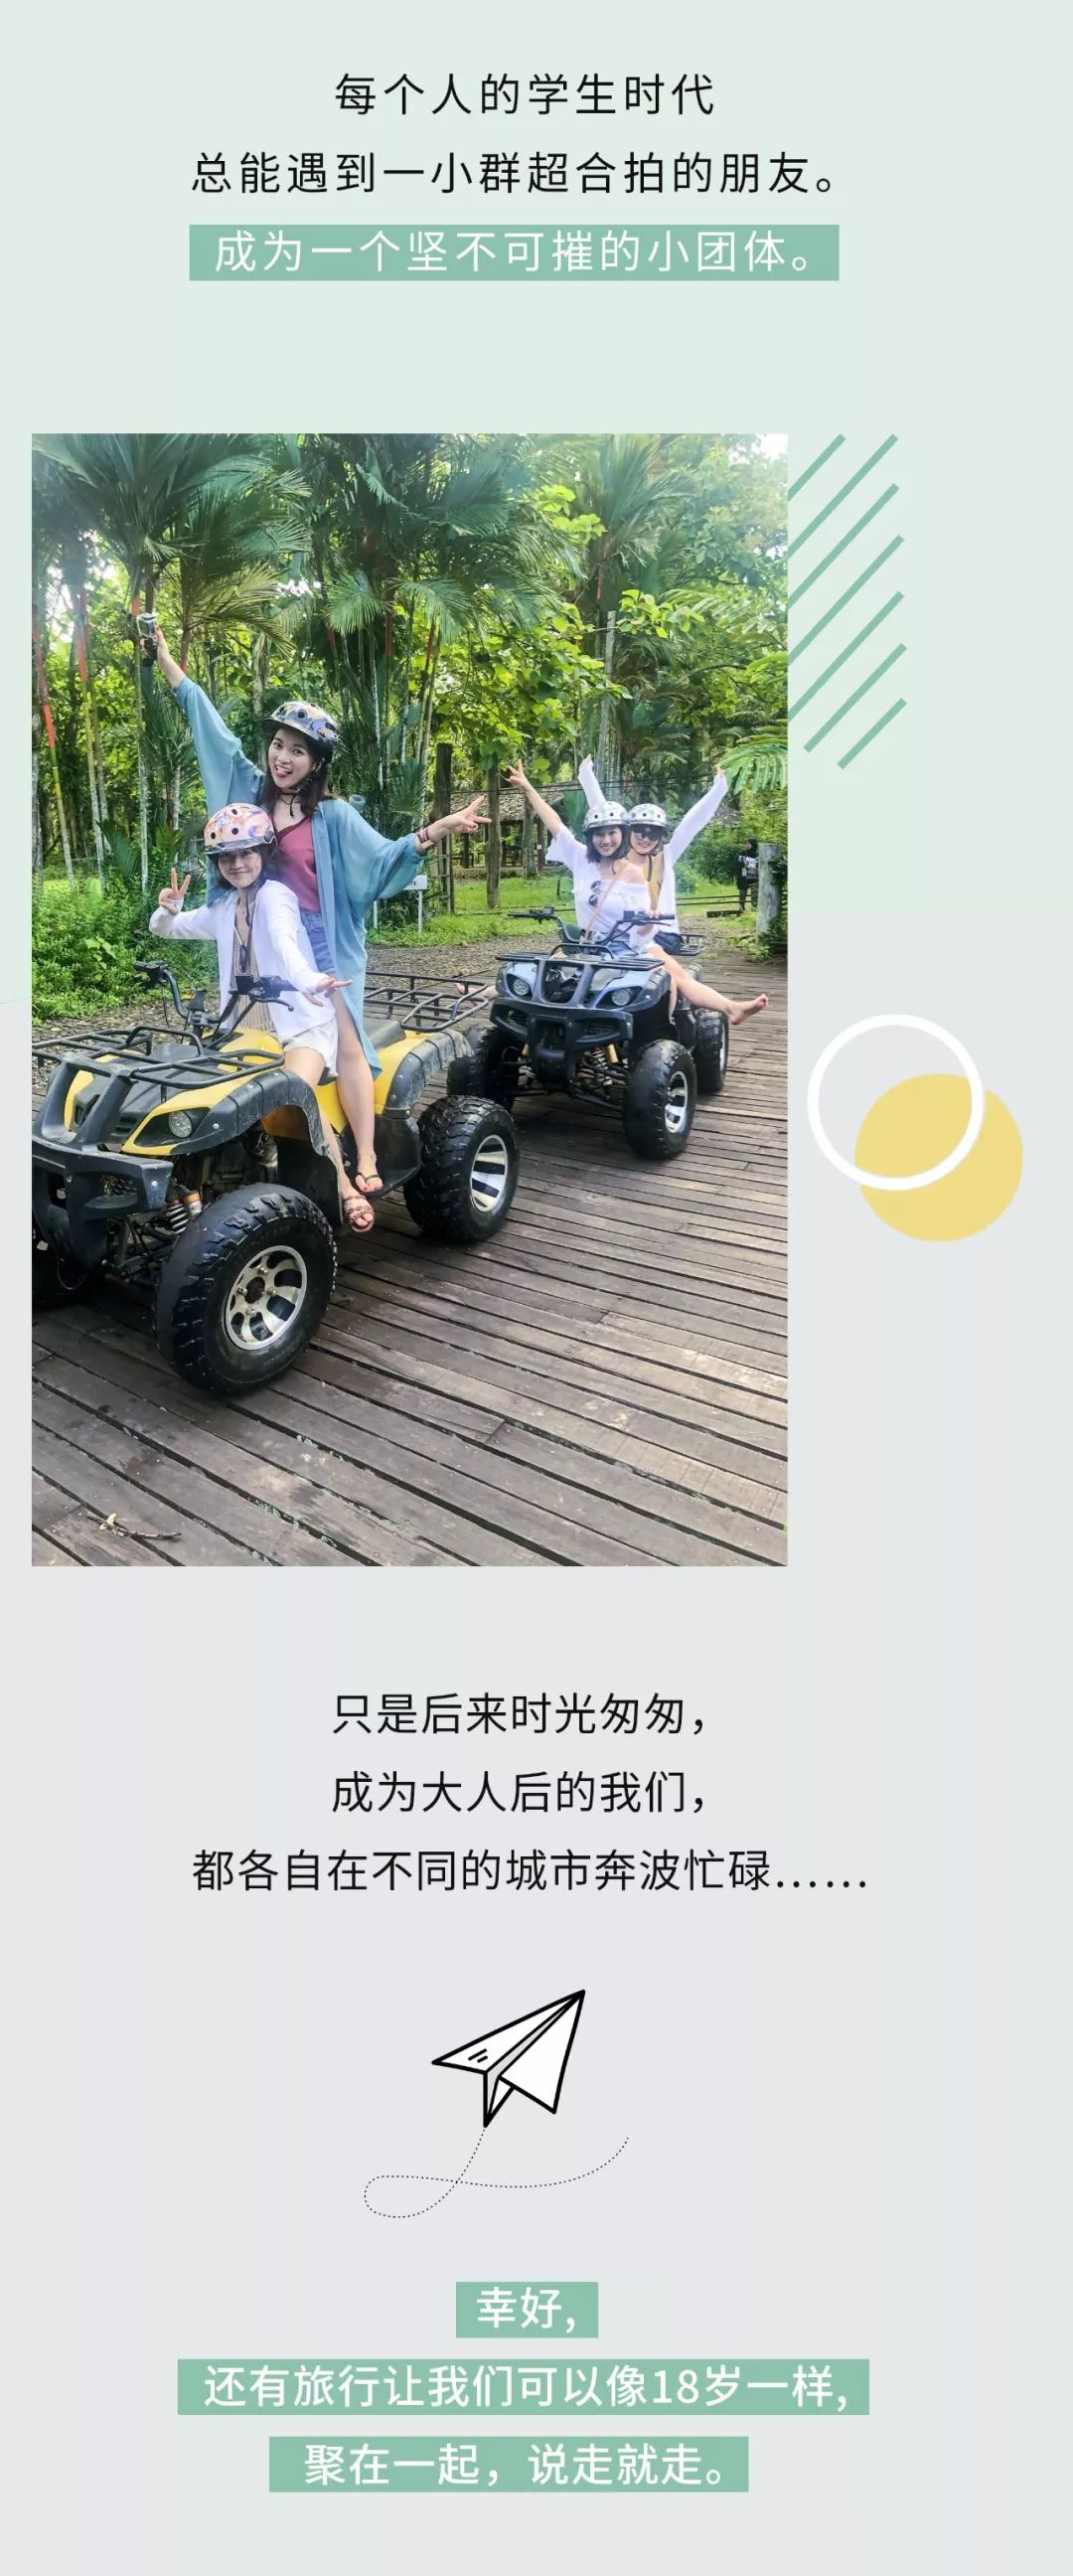 @上海人,千万不要和姐妹们去旅行!不然……